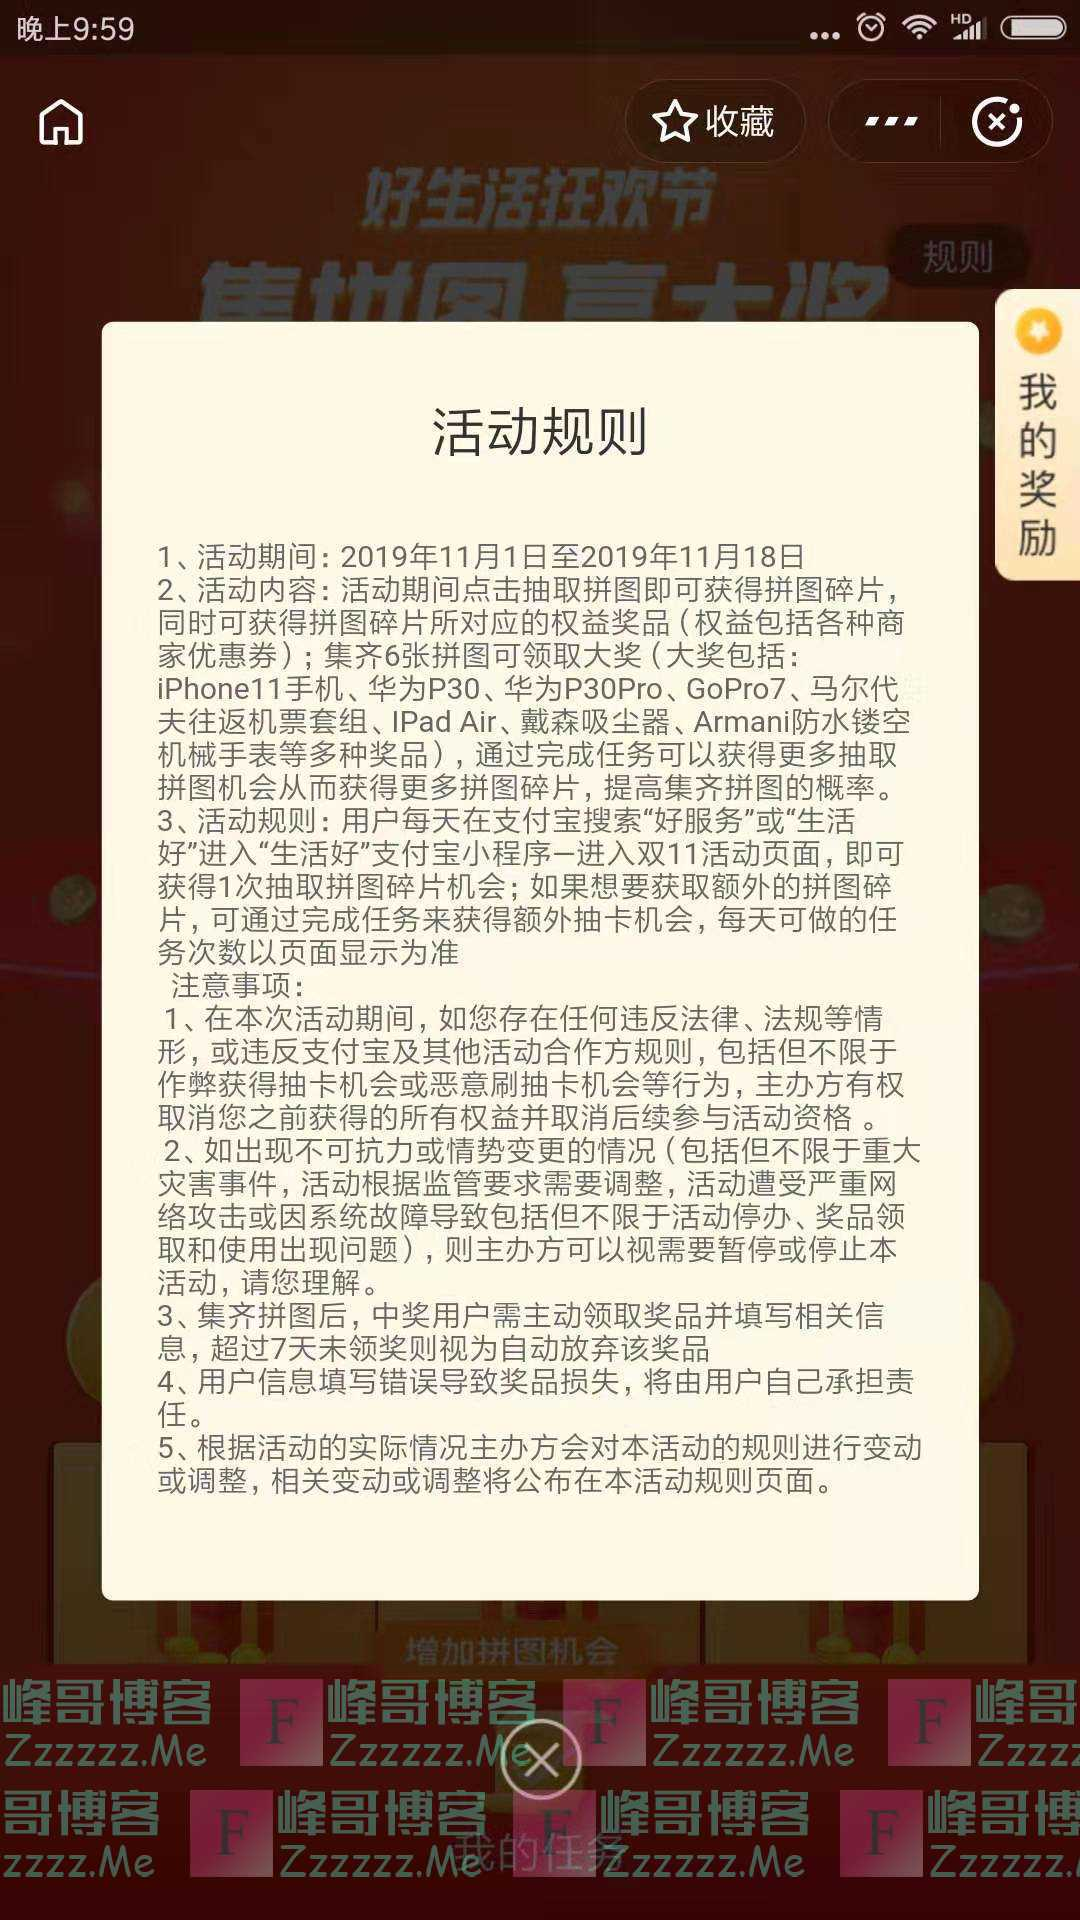 支付宝集拼图赢大奖(截止11月18日)